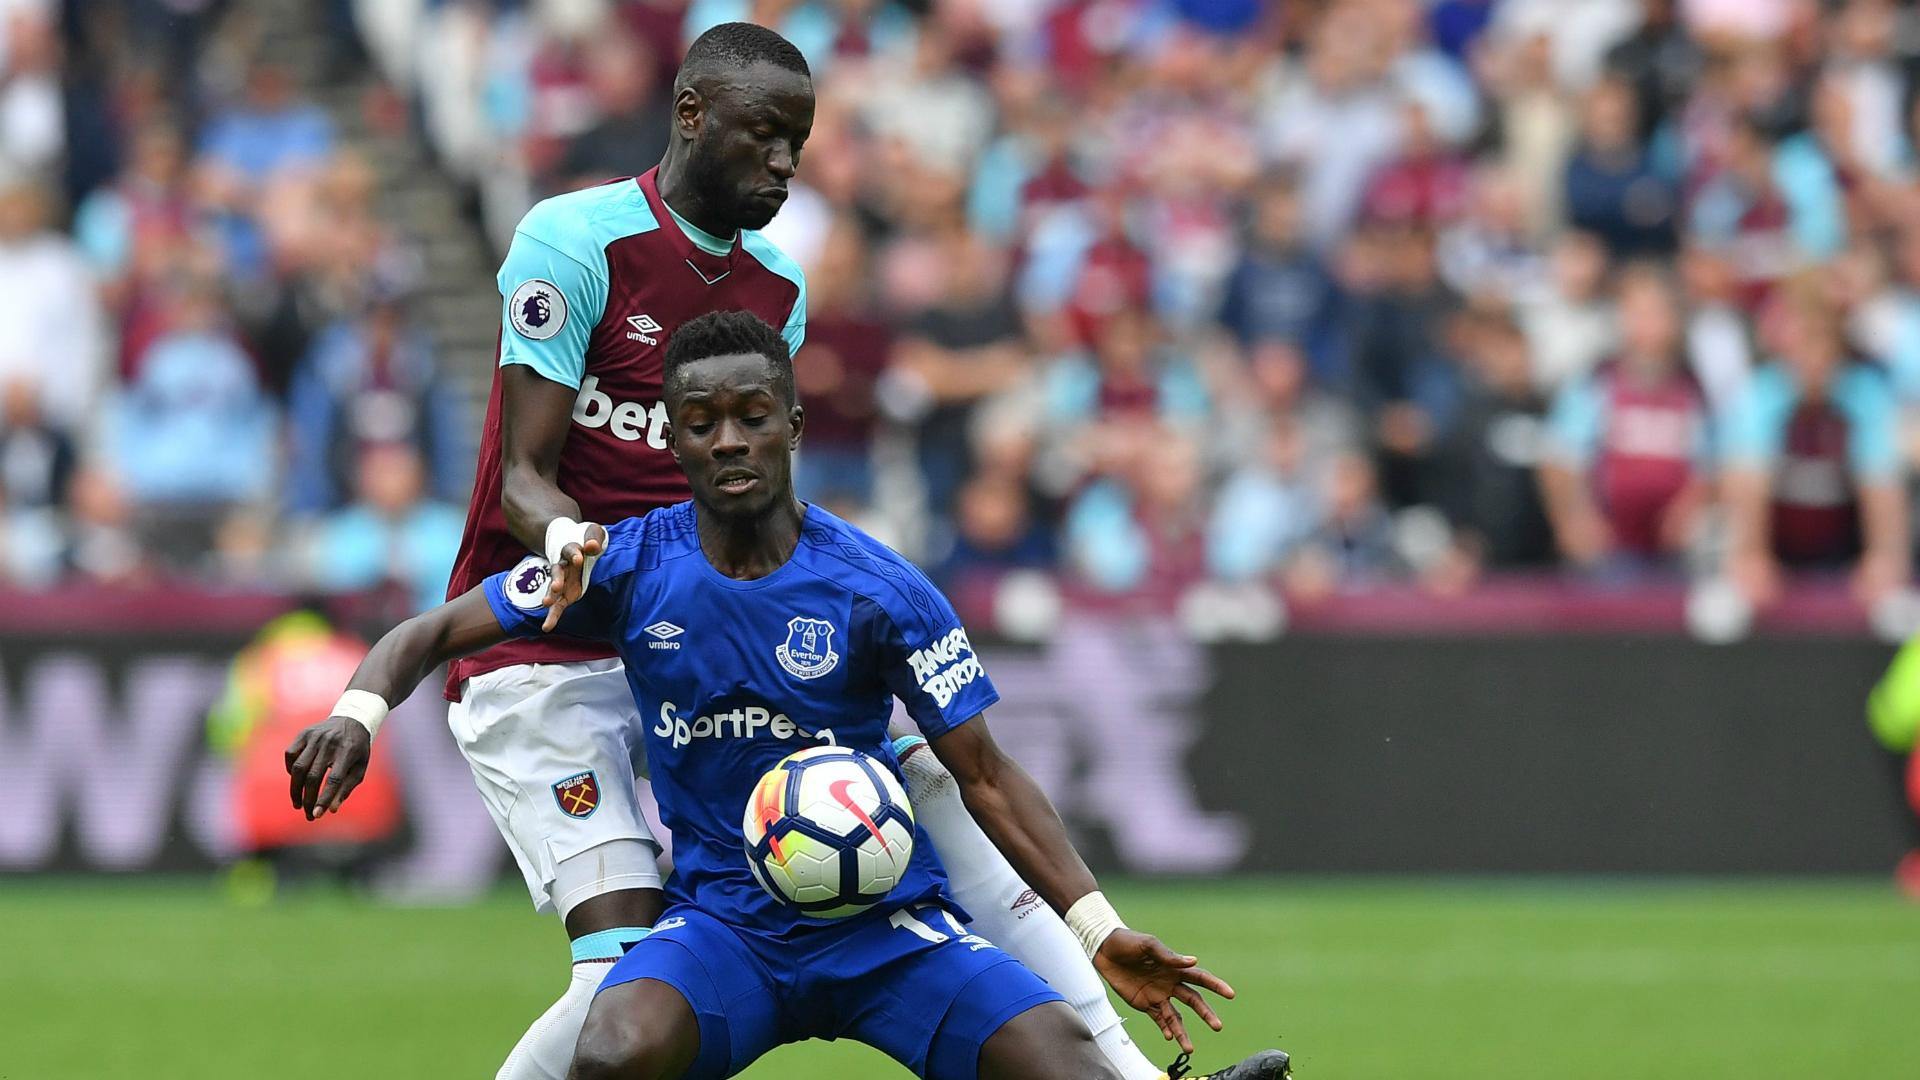 Mercato - Le PSG revient à la charge pour Idrissa Gueye (Everton)